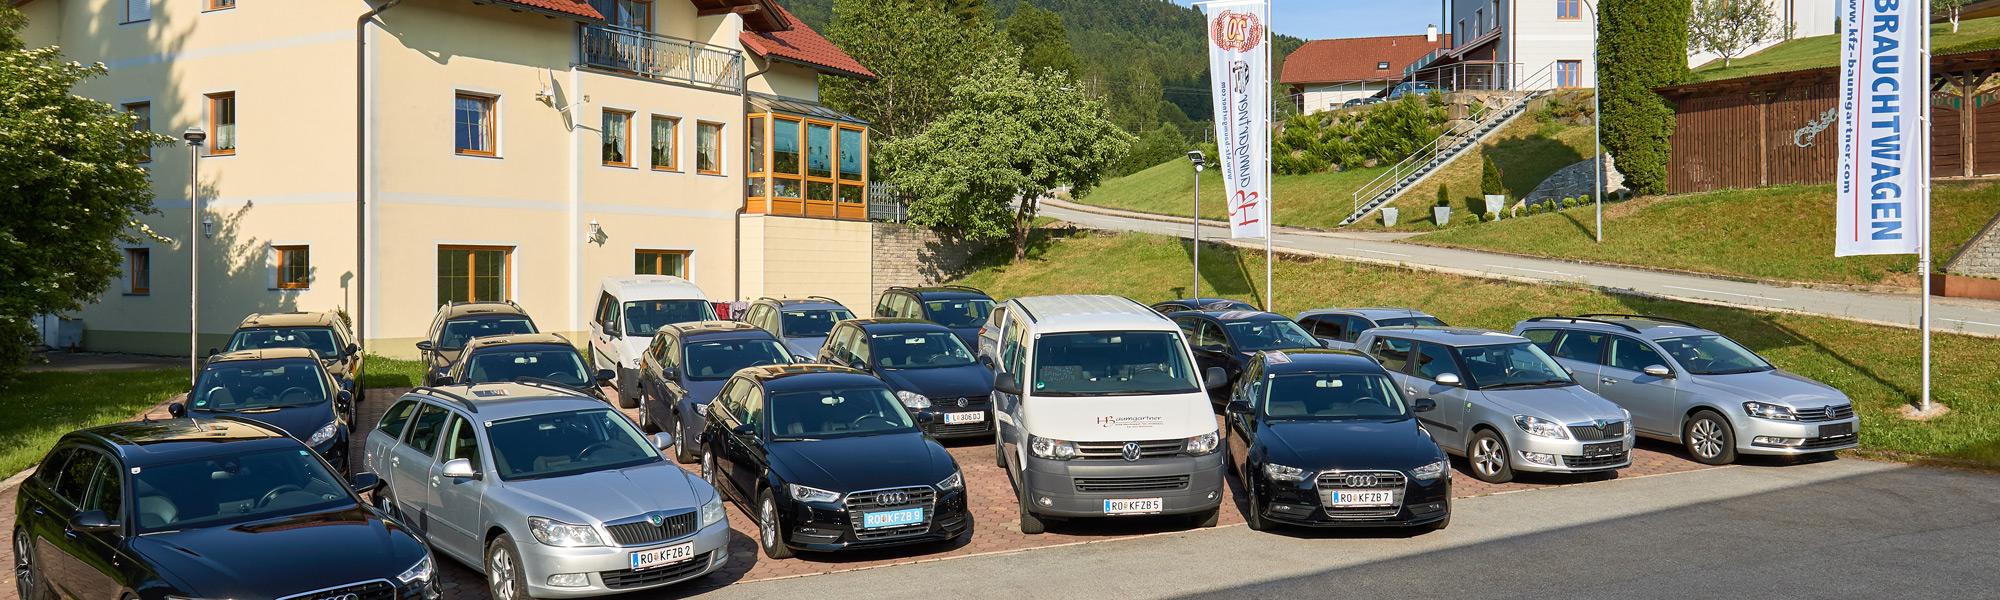 Gebrauchtwagen von KFZ-Baumgartner aus dem Bezirk Rohrbach in Oberkappel